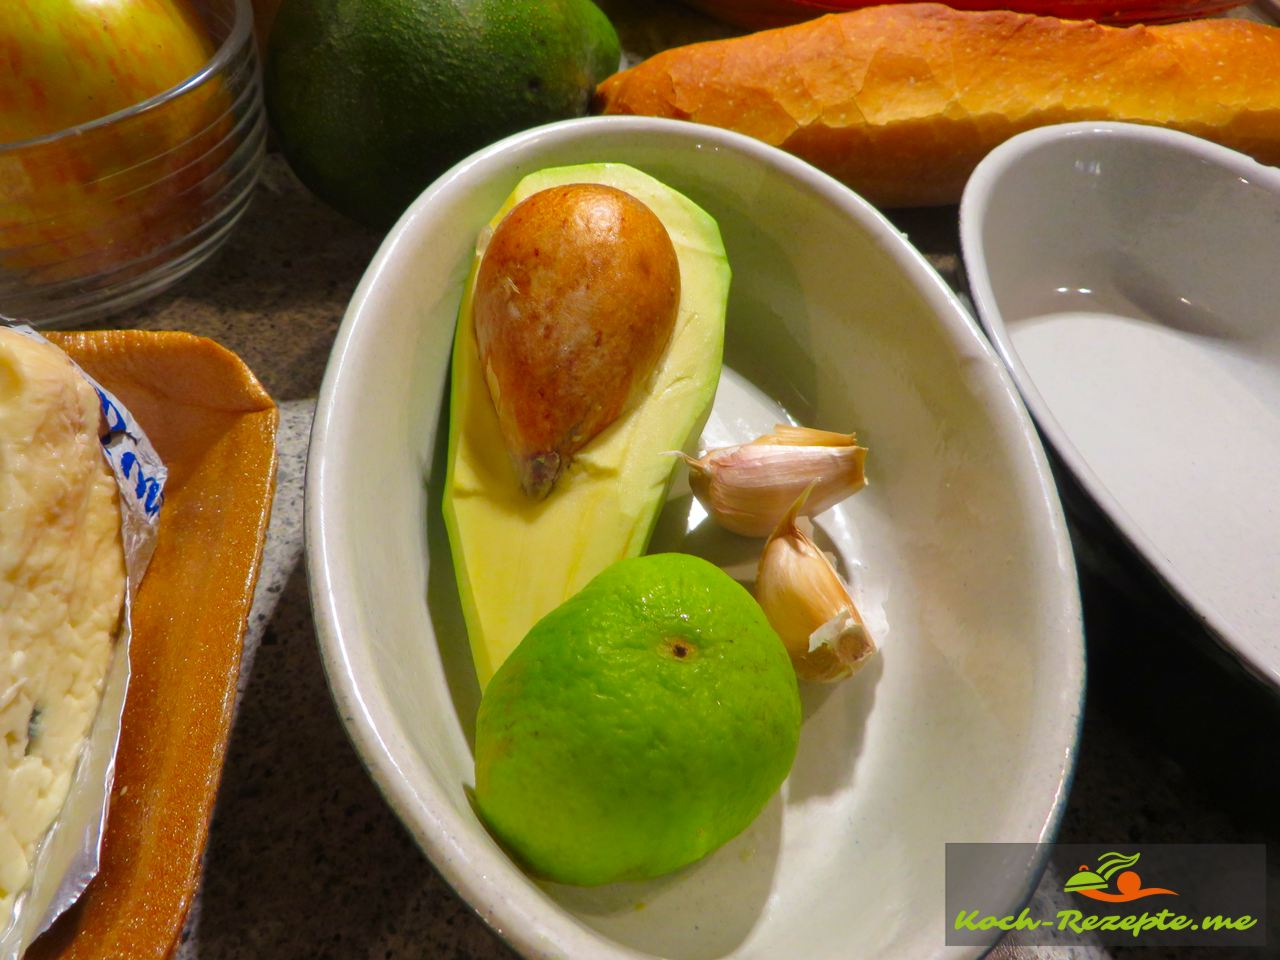 Avocado und  Limette für Avocado-Roquefortcreme, Avocado-Blauschimmelcreme mit Apfel.